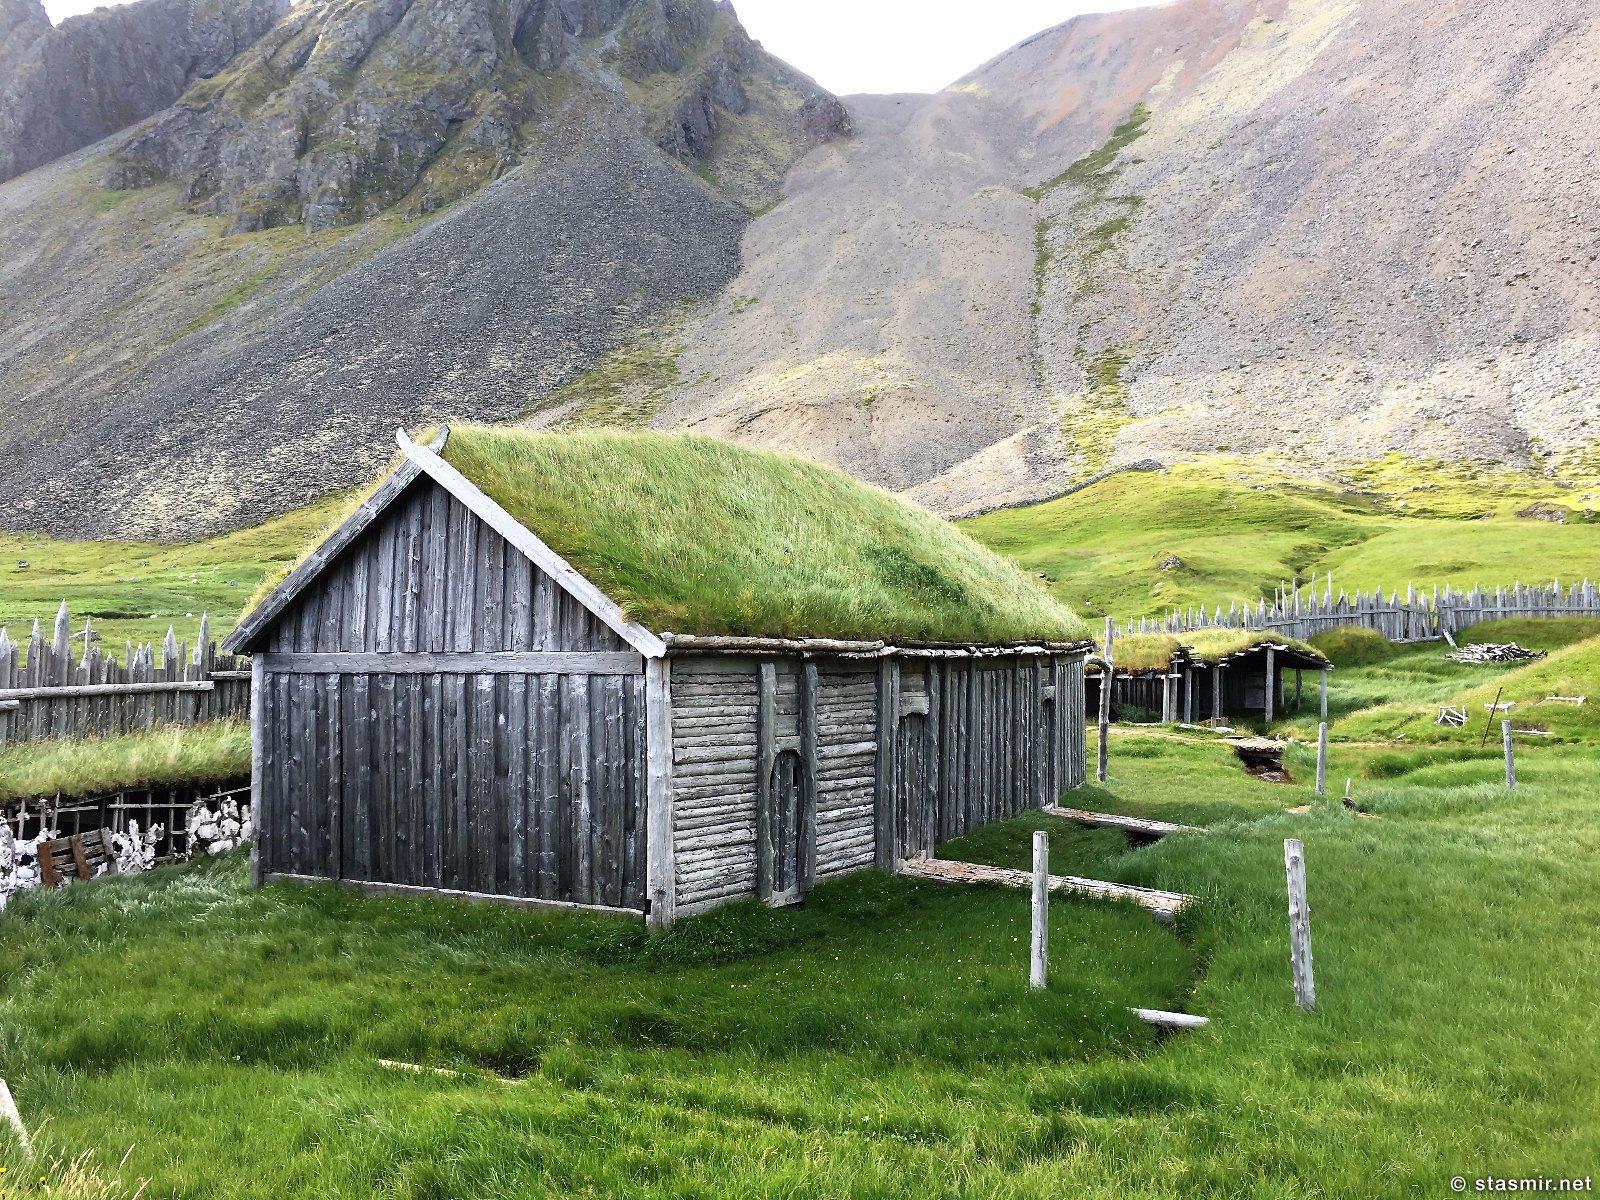 дероевня викингов в Исландии, viking village in Iceland, декорации деревни викингов для съемок голлвудского фильма в Исландии, фото Стасмир, photo Stasmir